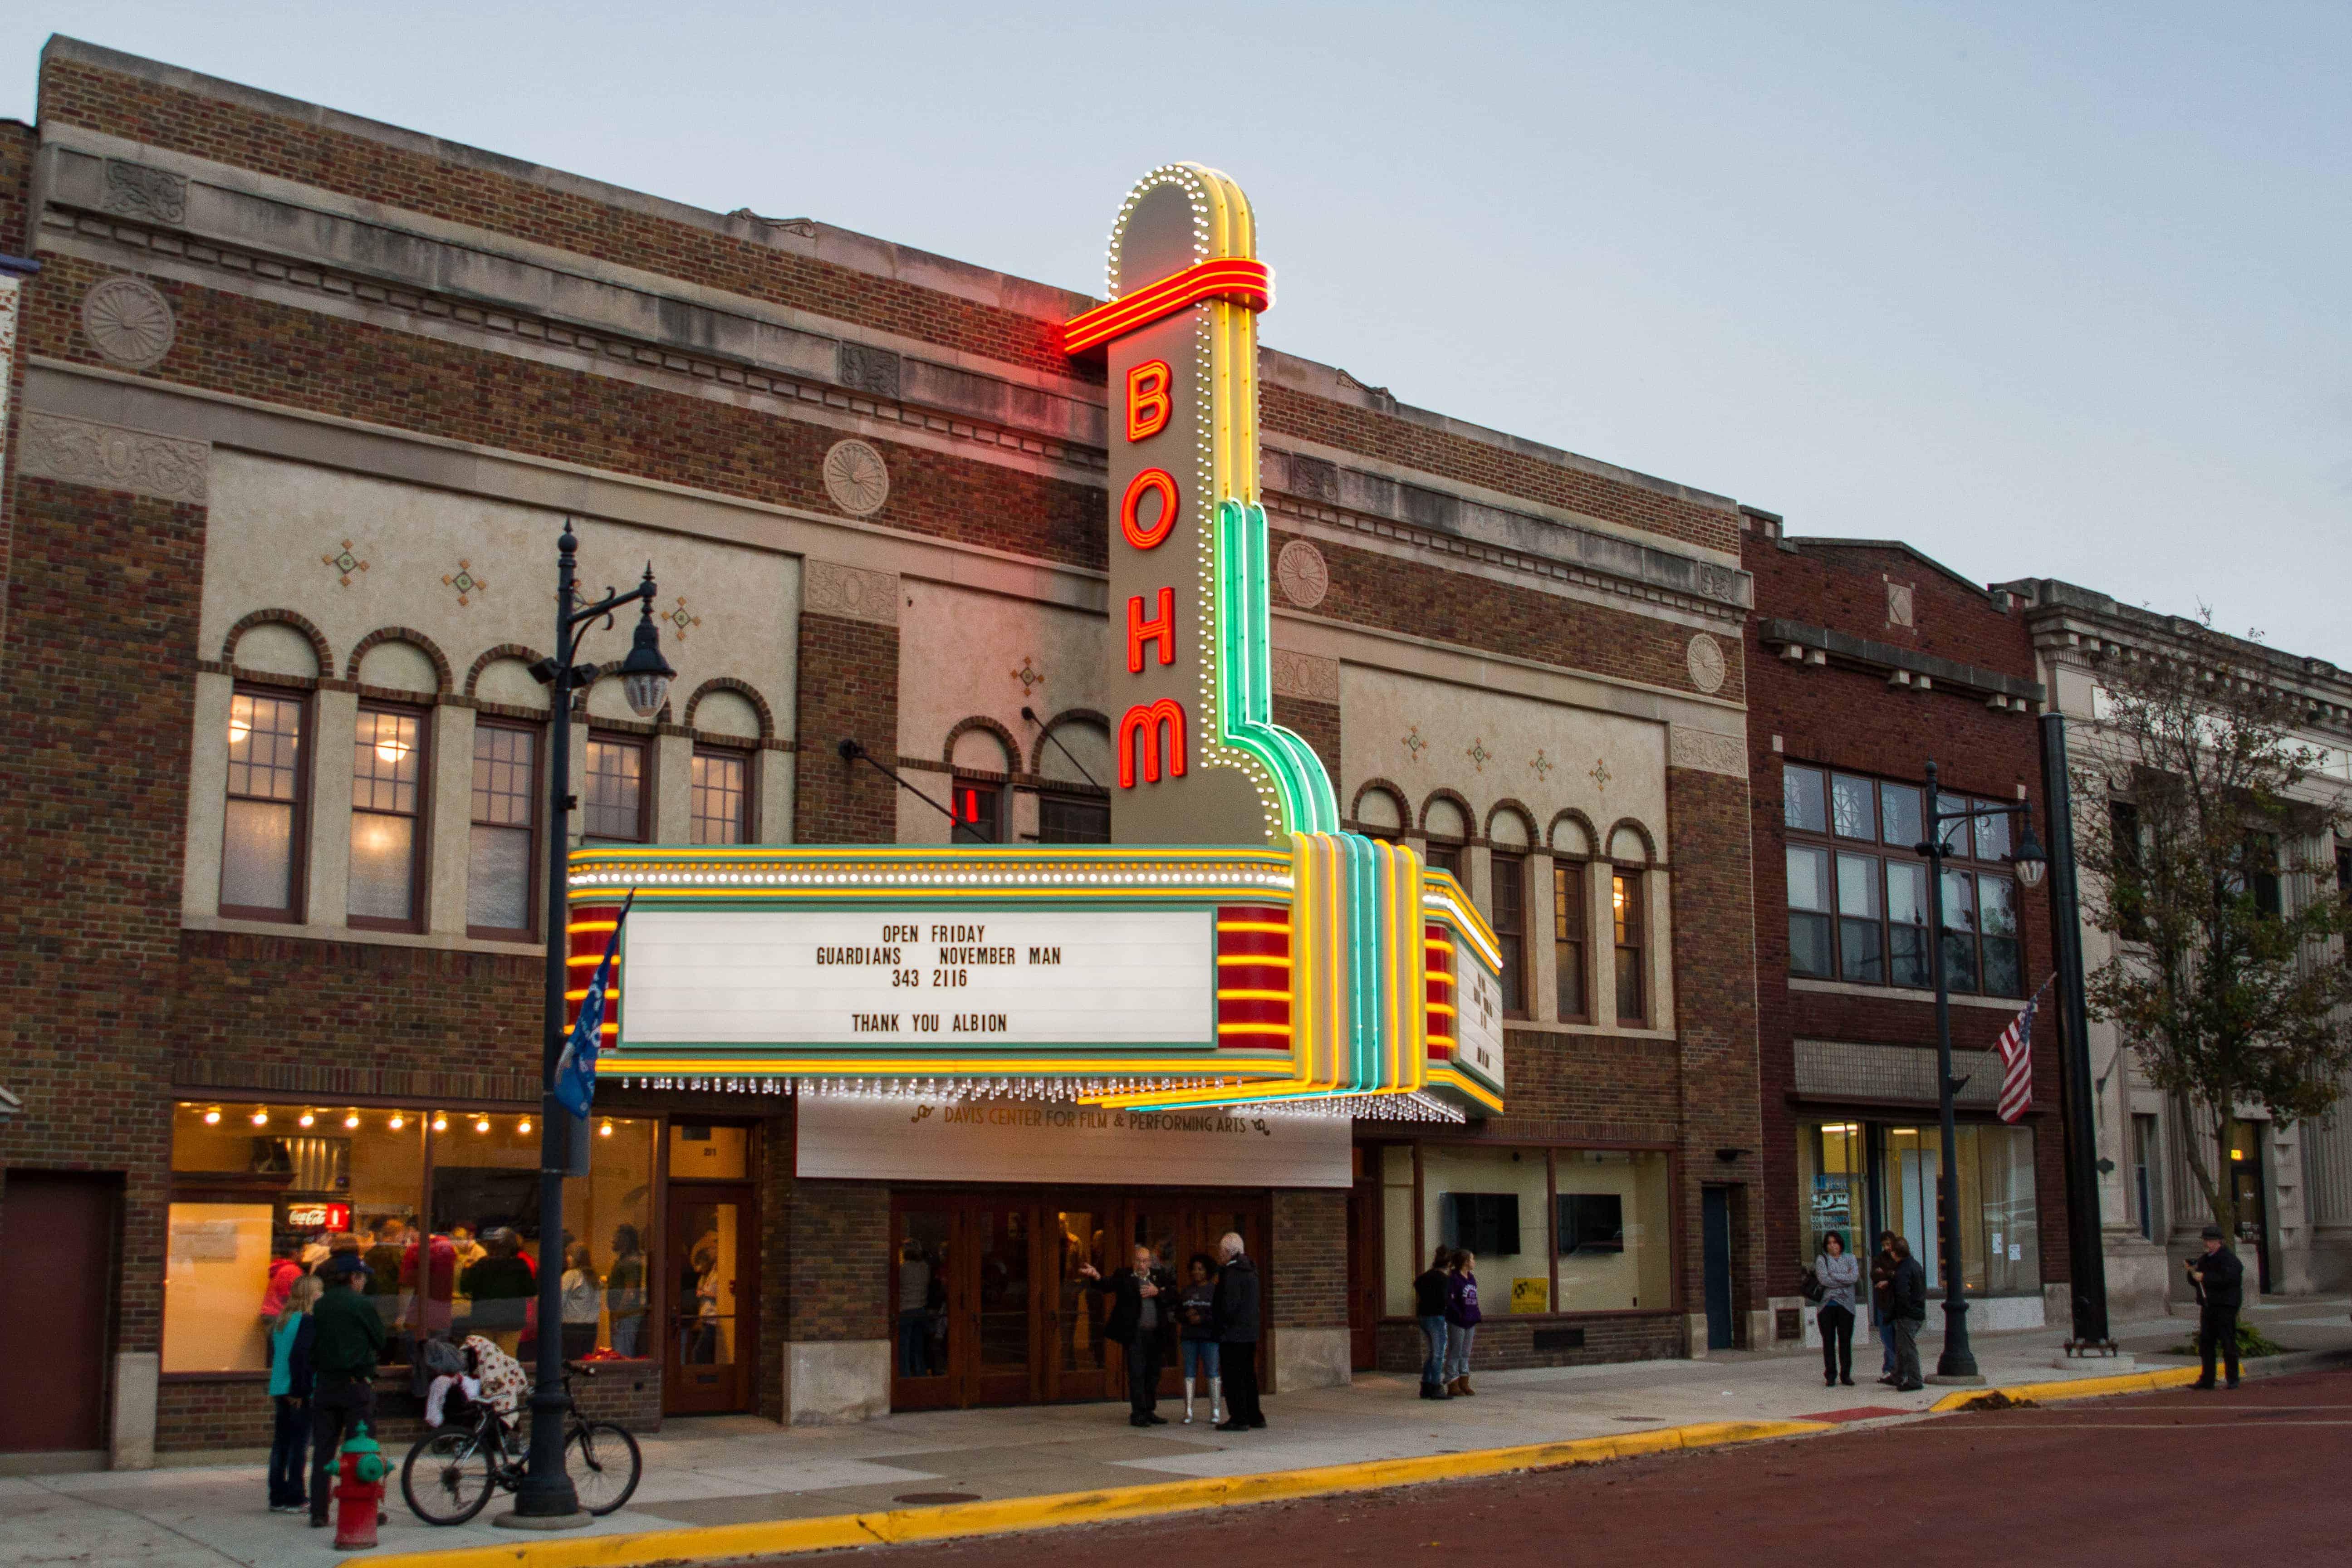 The Albion Community Foundation raised around $4 million to restore the historic Bohm Theatre in Albion, Michigan.